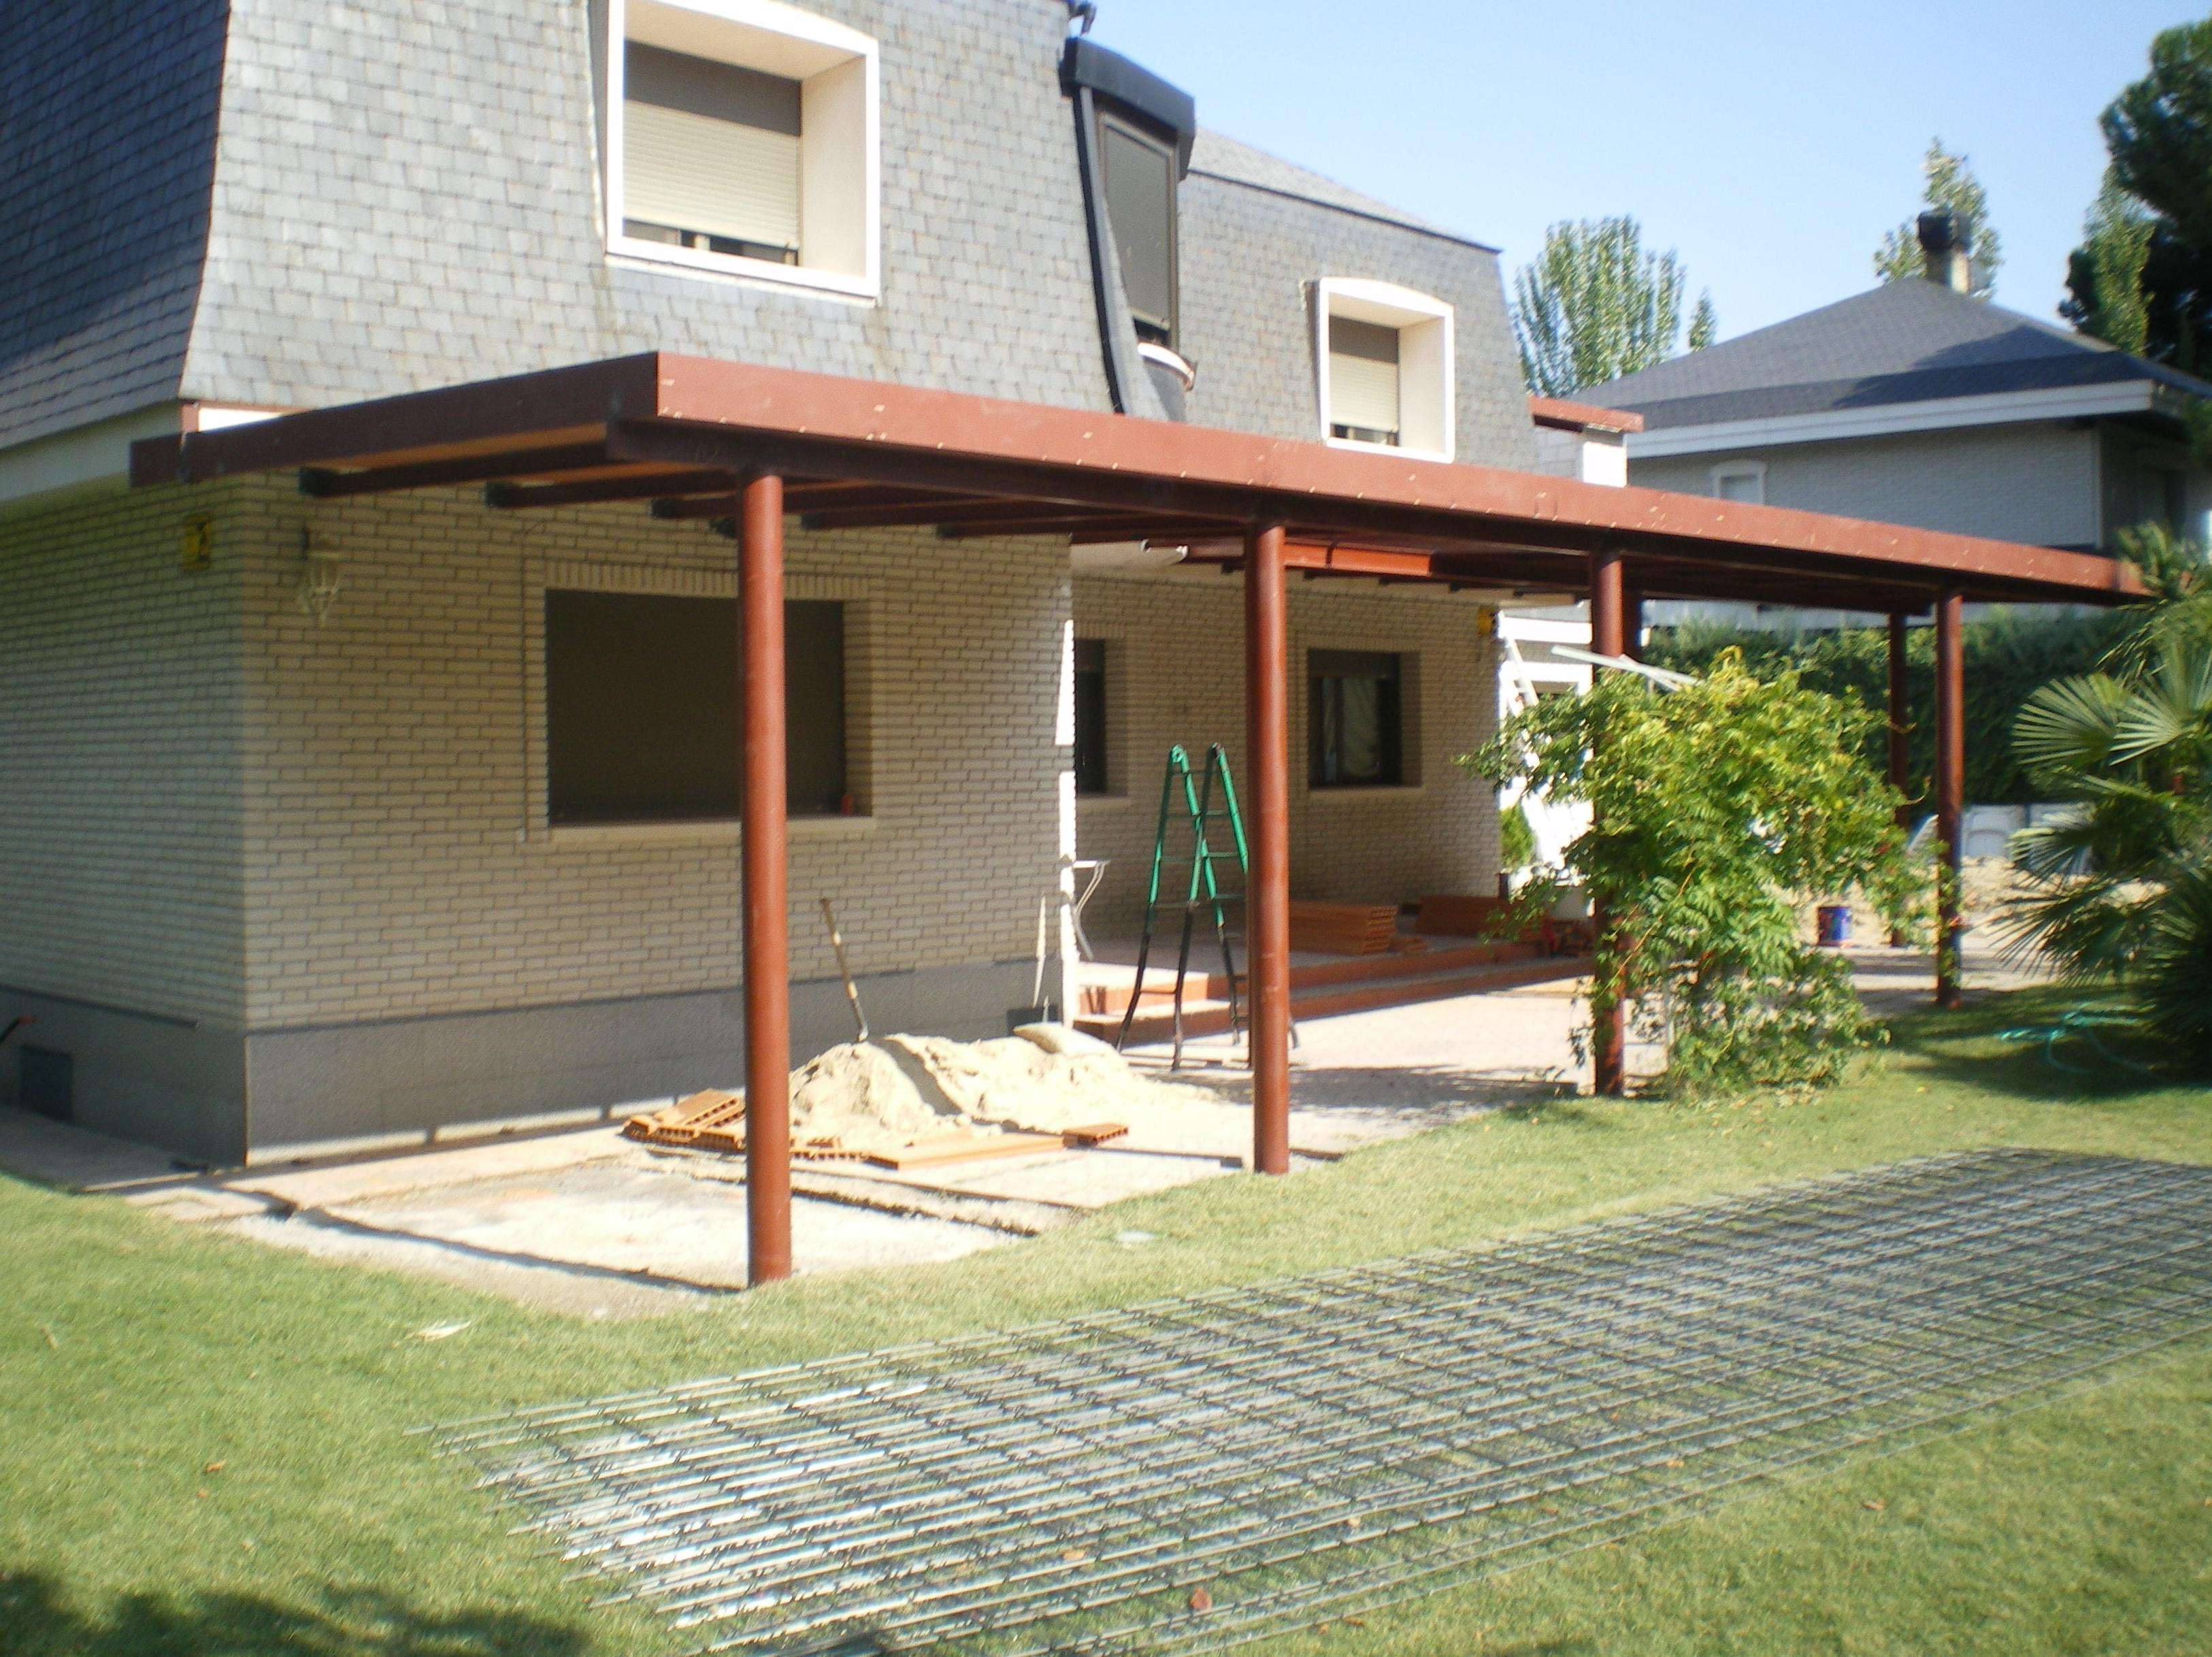 Porches de jardin great with porches de jardin beautiful - Porches de jardin ...